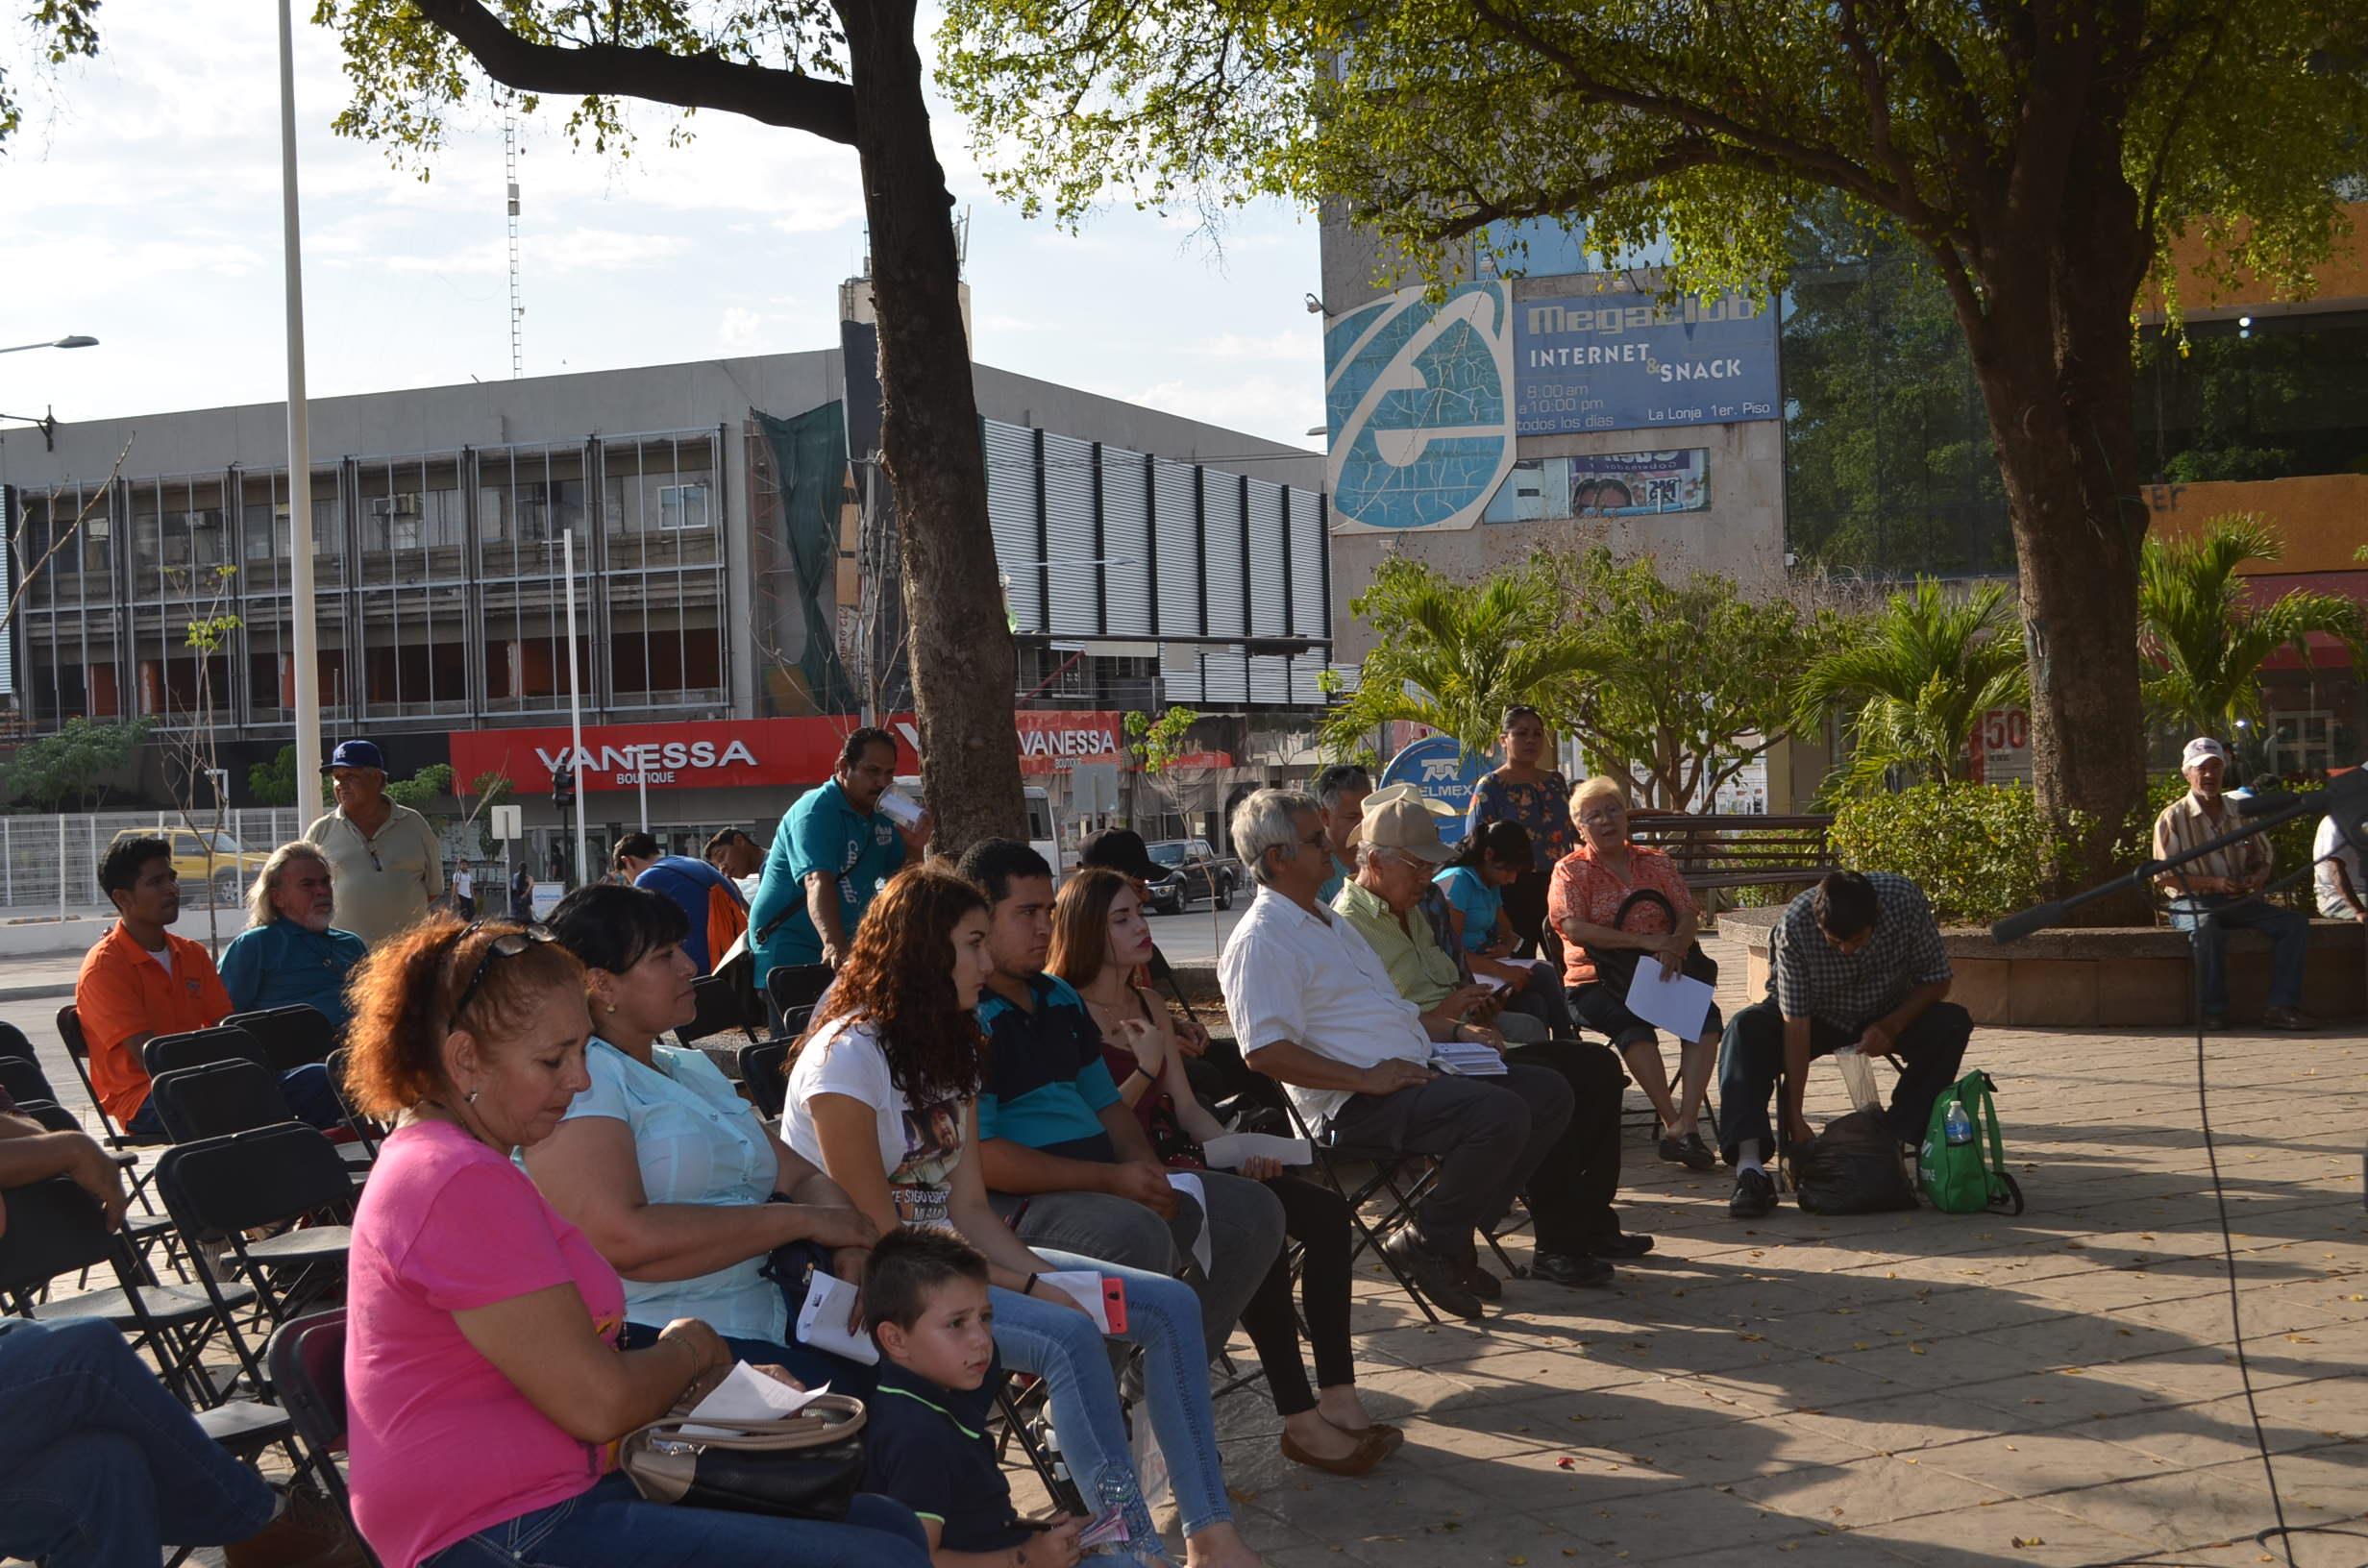 Familiares de desaparecidos asisten al evento cultural,en favor de los desaparecidos en el estado de Sinaloa. Fotografía: Gabriela Sánchez